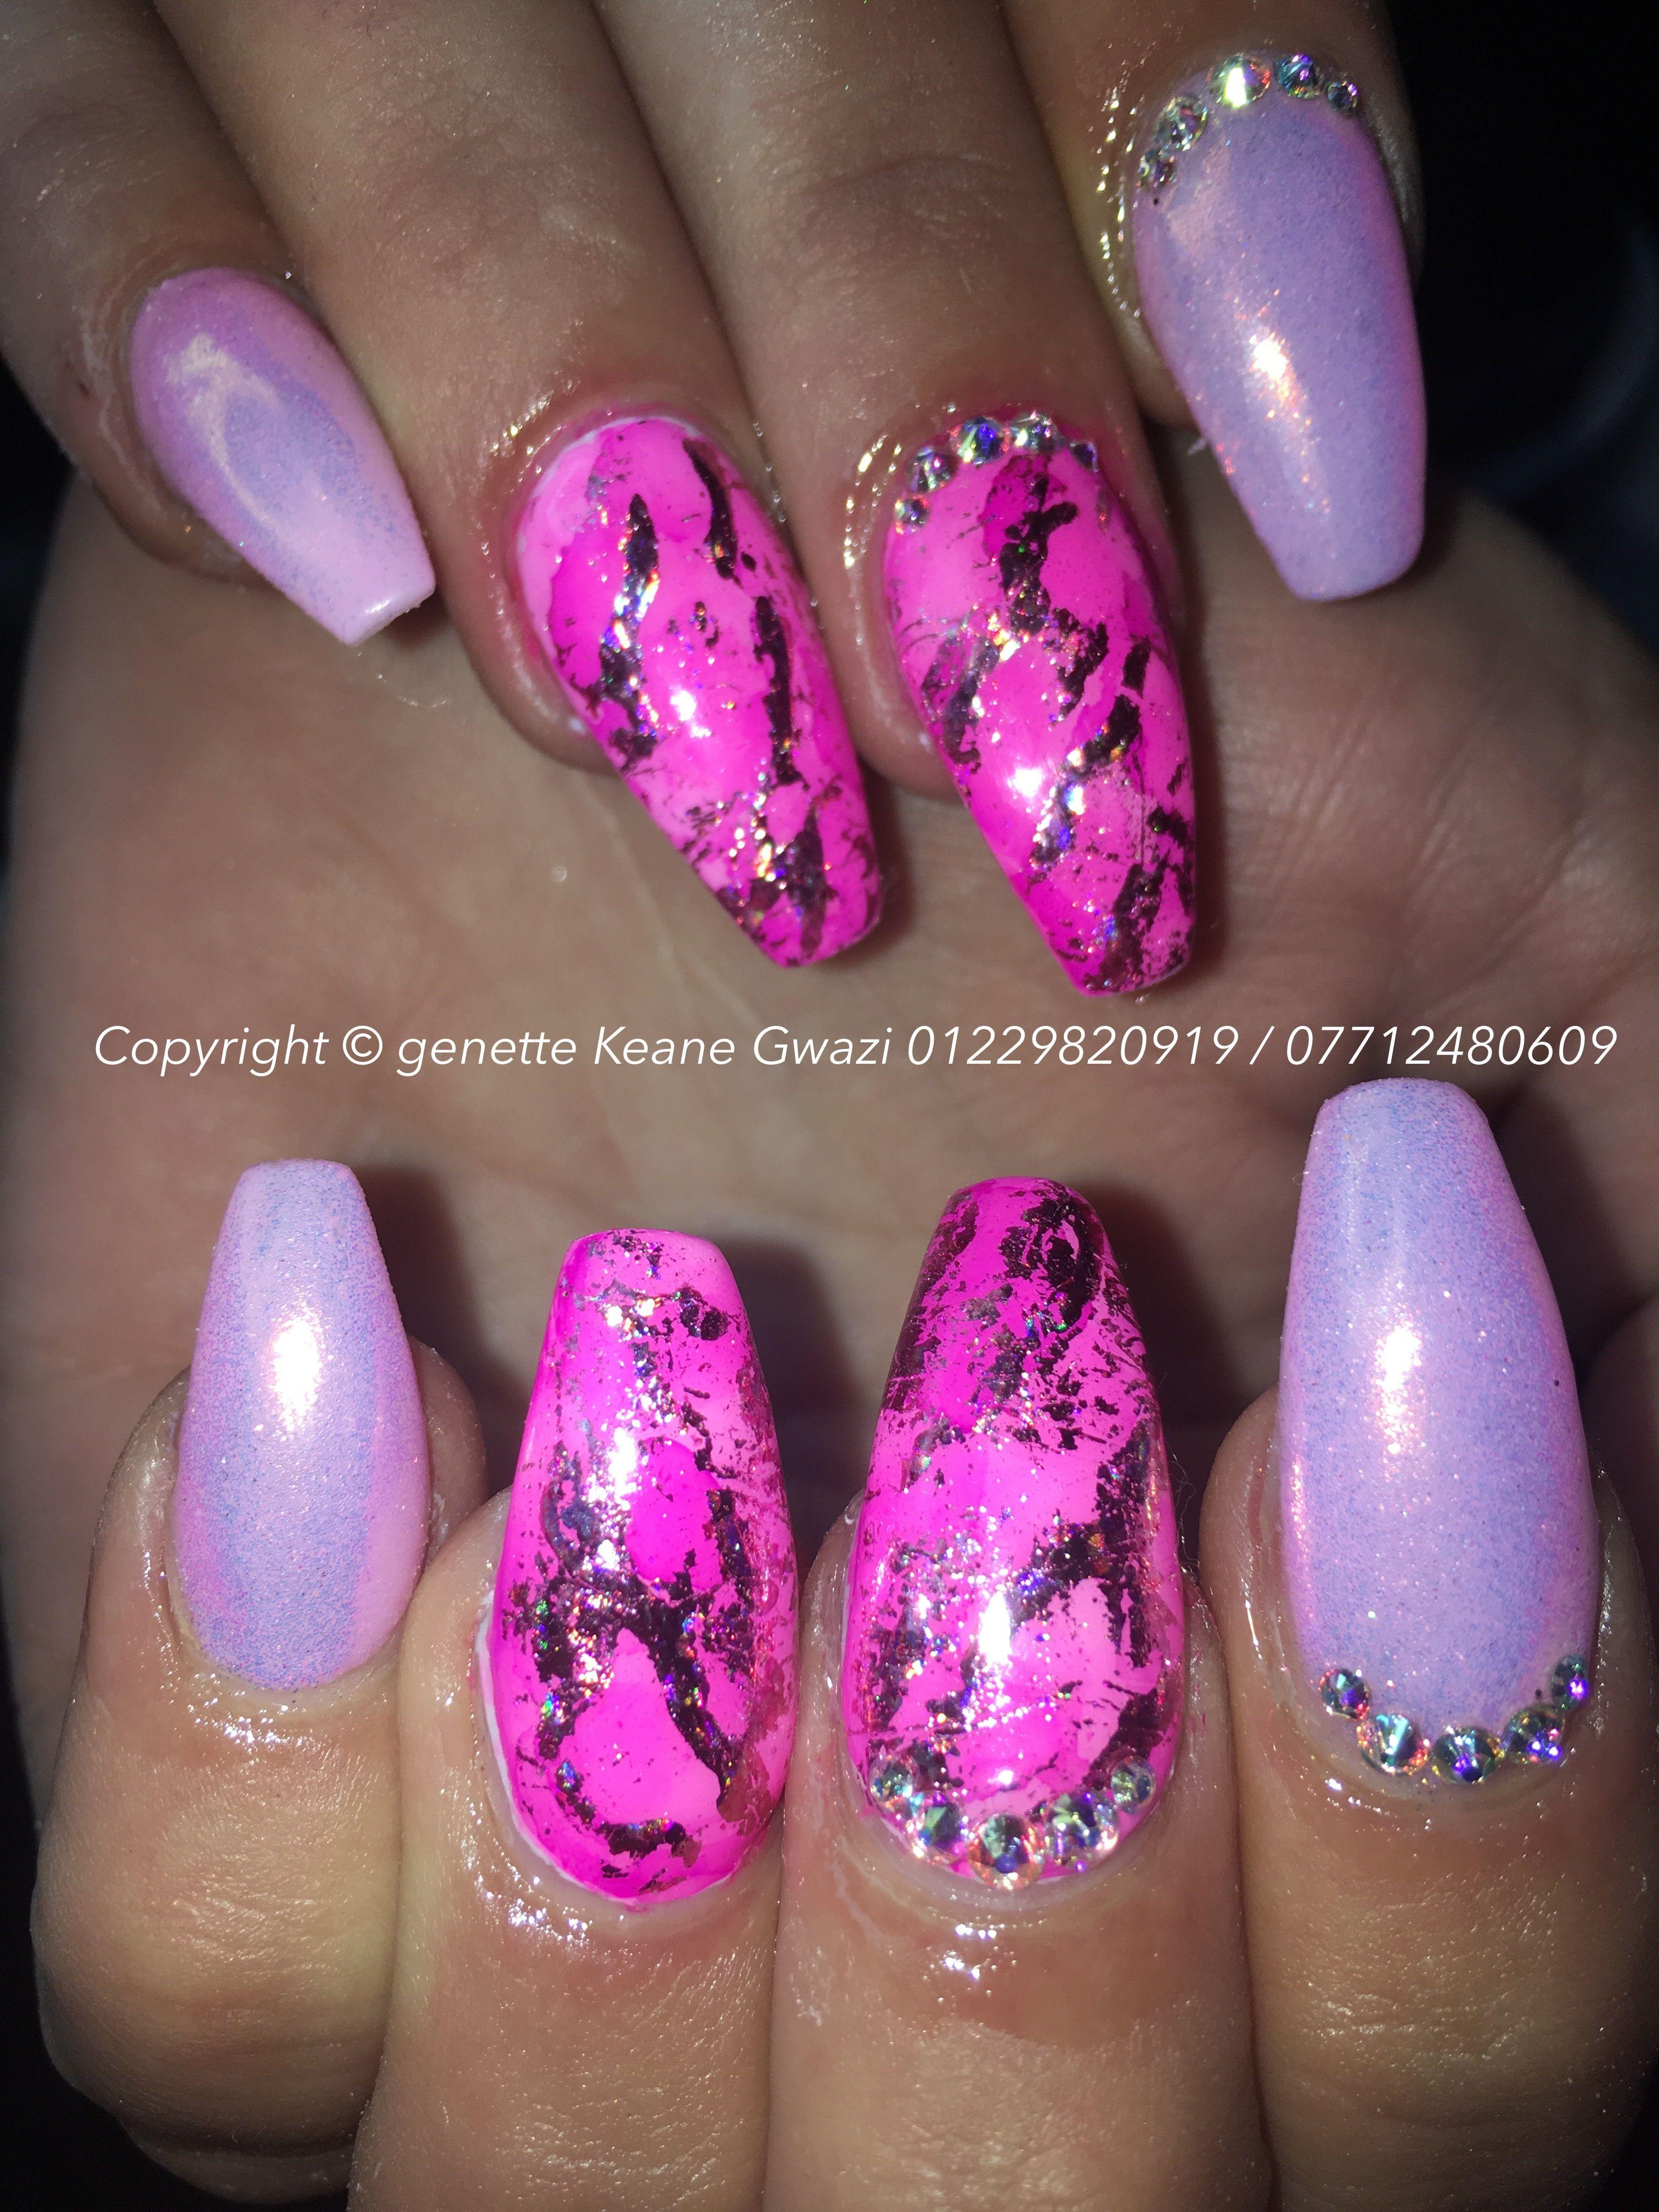 Mermaid pink marble nails with Swarovski nail art | Swarovski nail ...